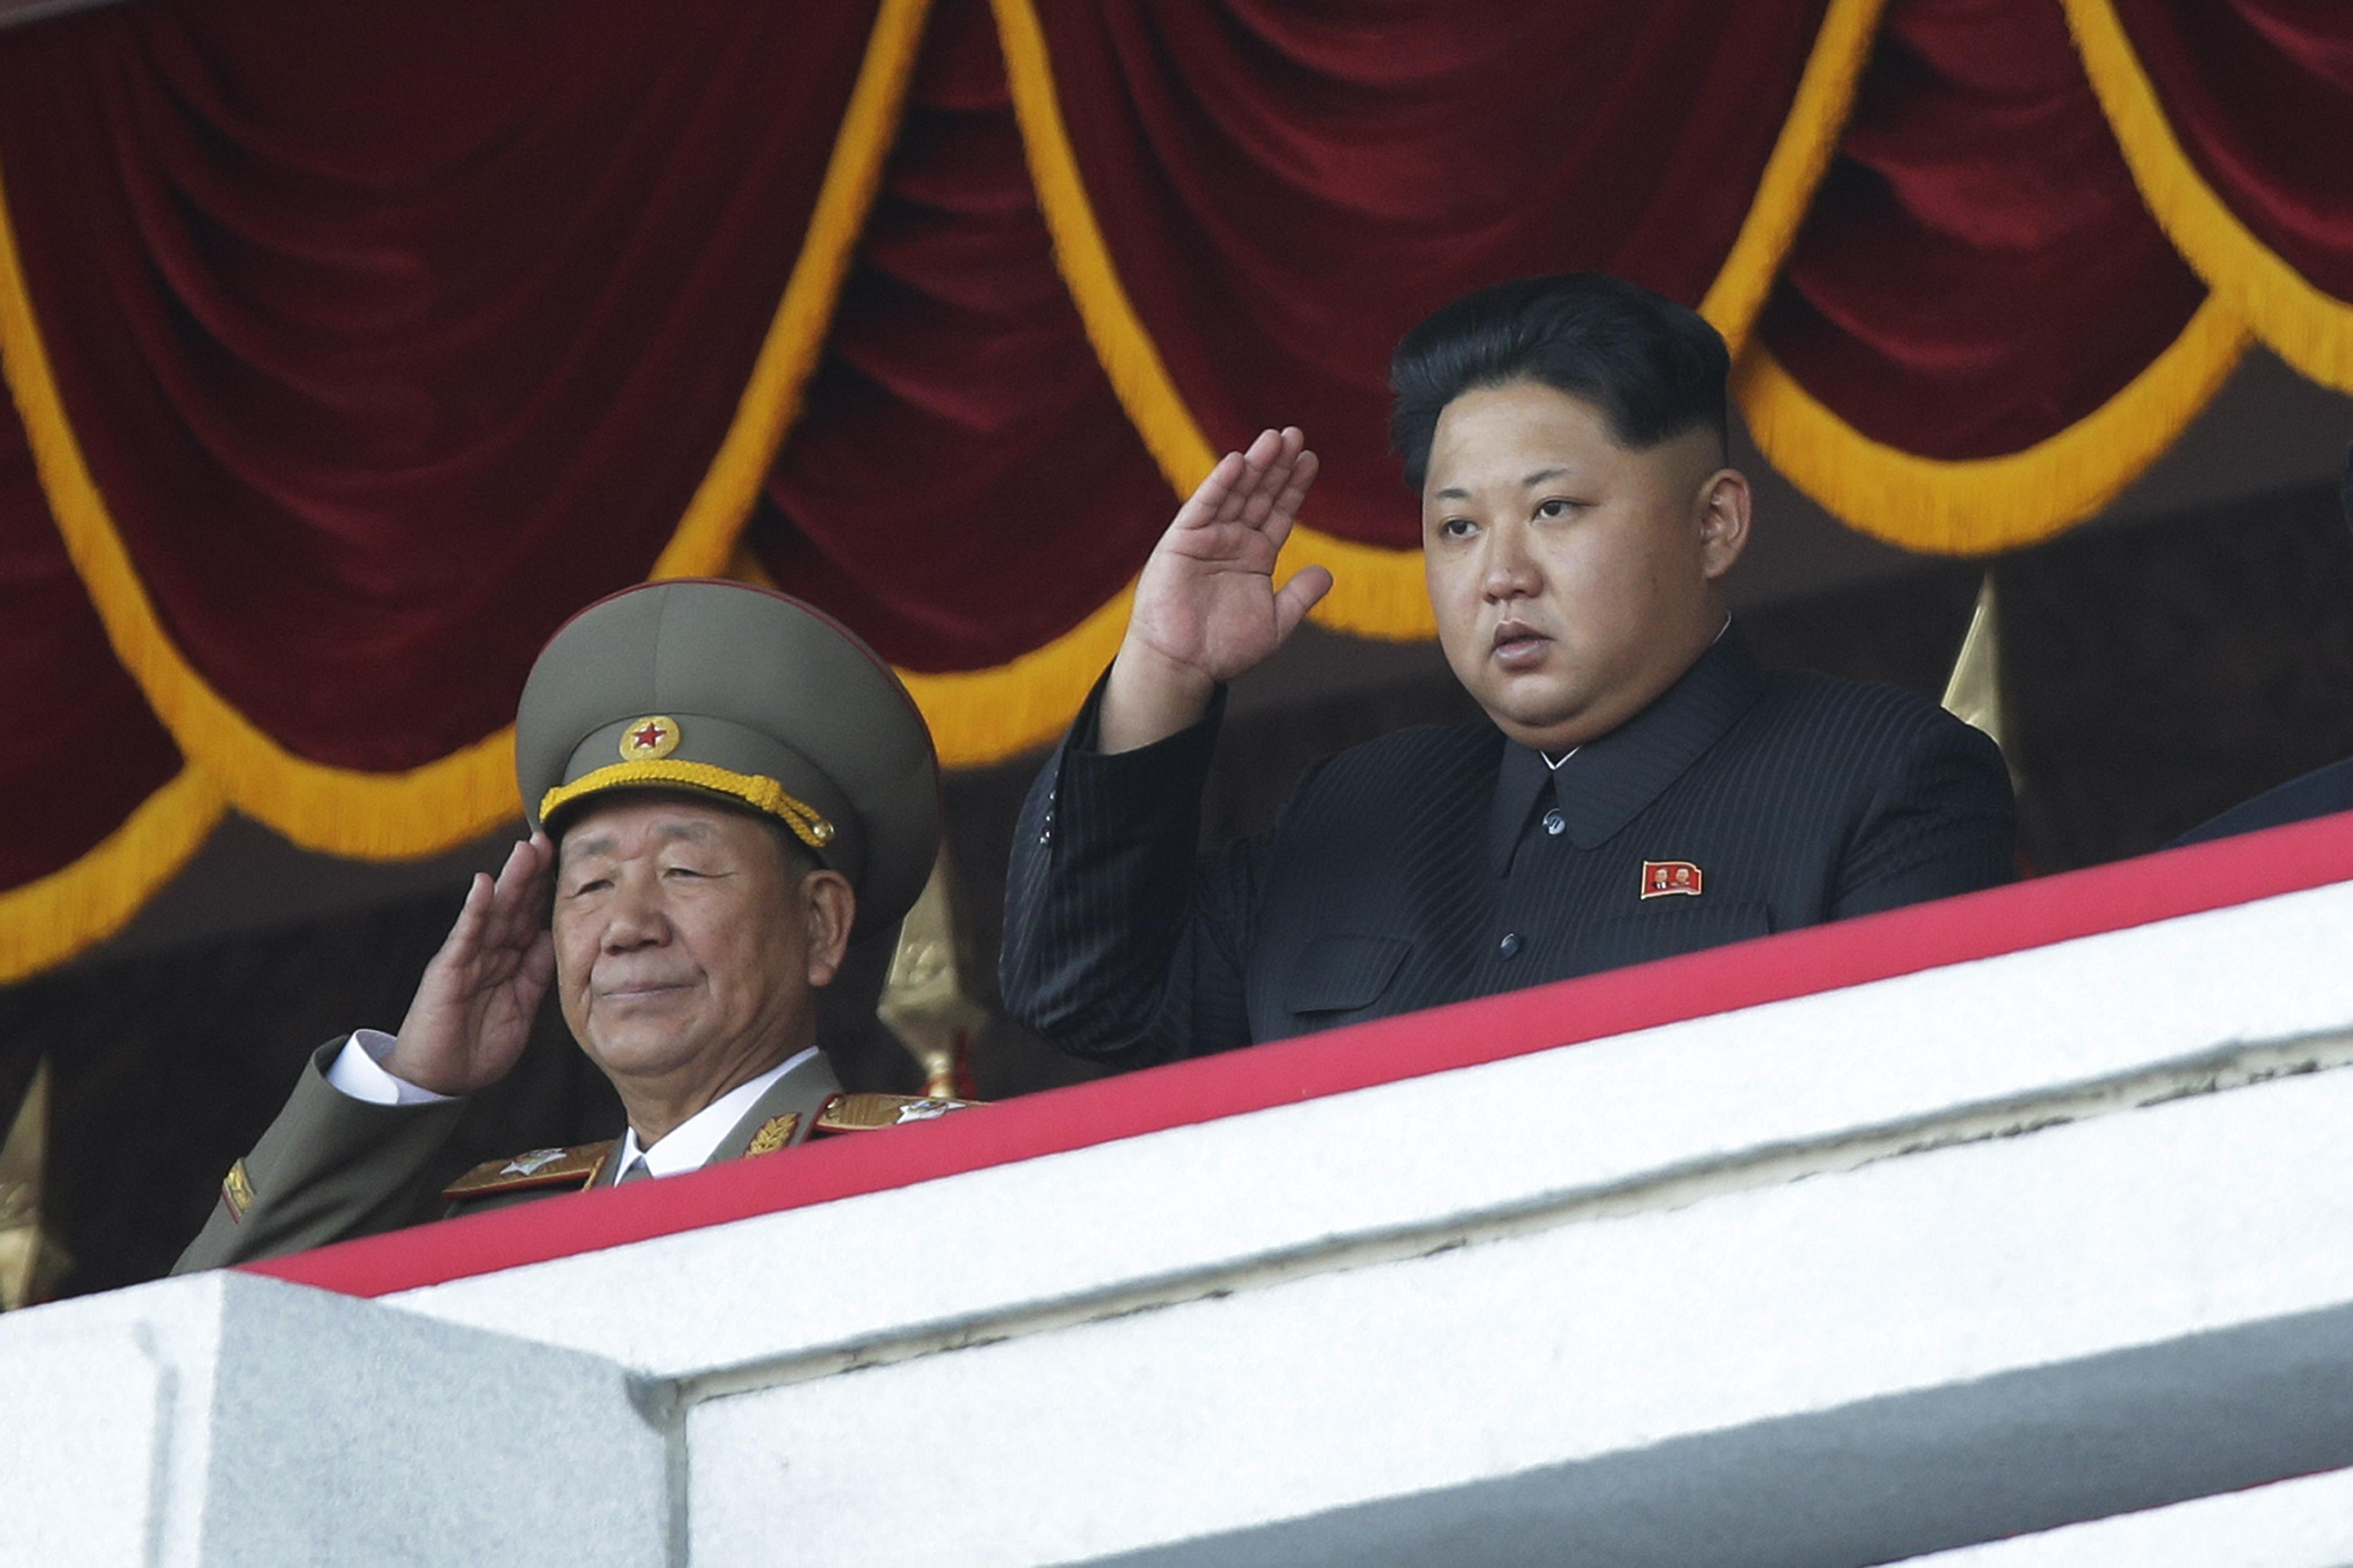 North Korean leader Kim Jong Un, right, salutes at a parade in Pyongyang, North Korea, on Oct. 10, 2015.